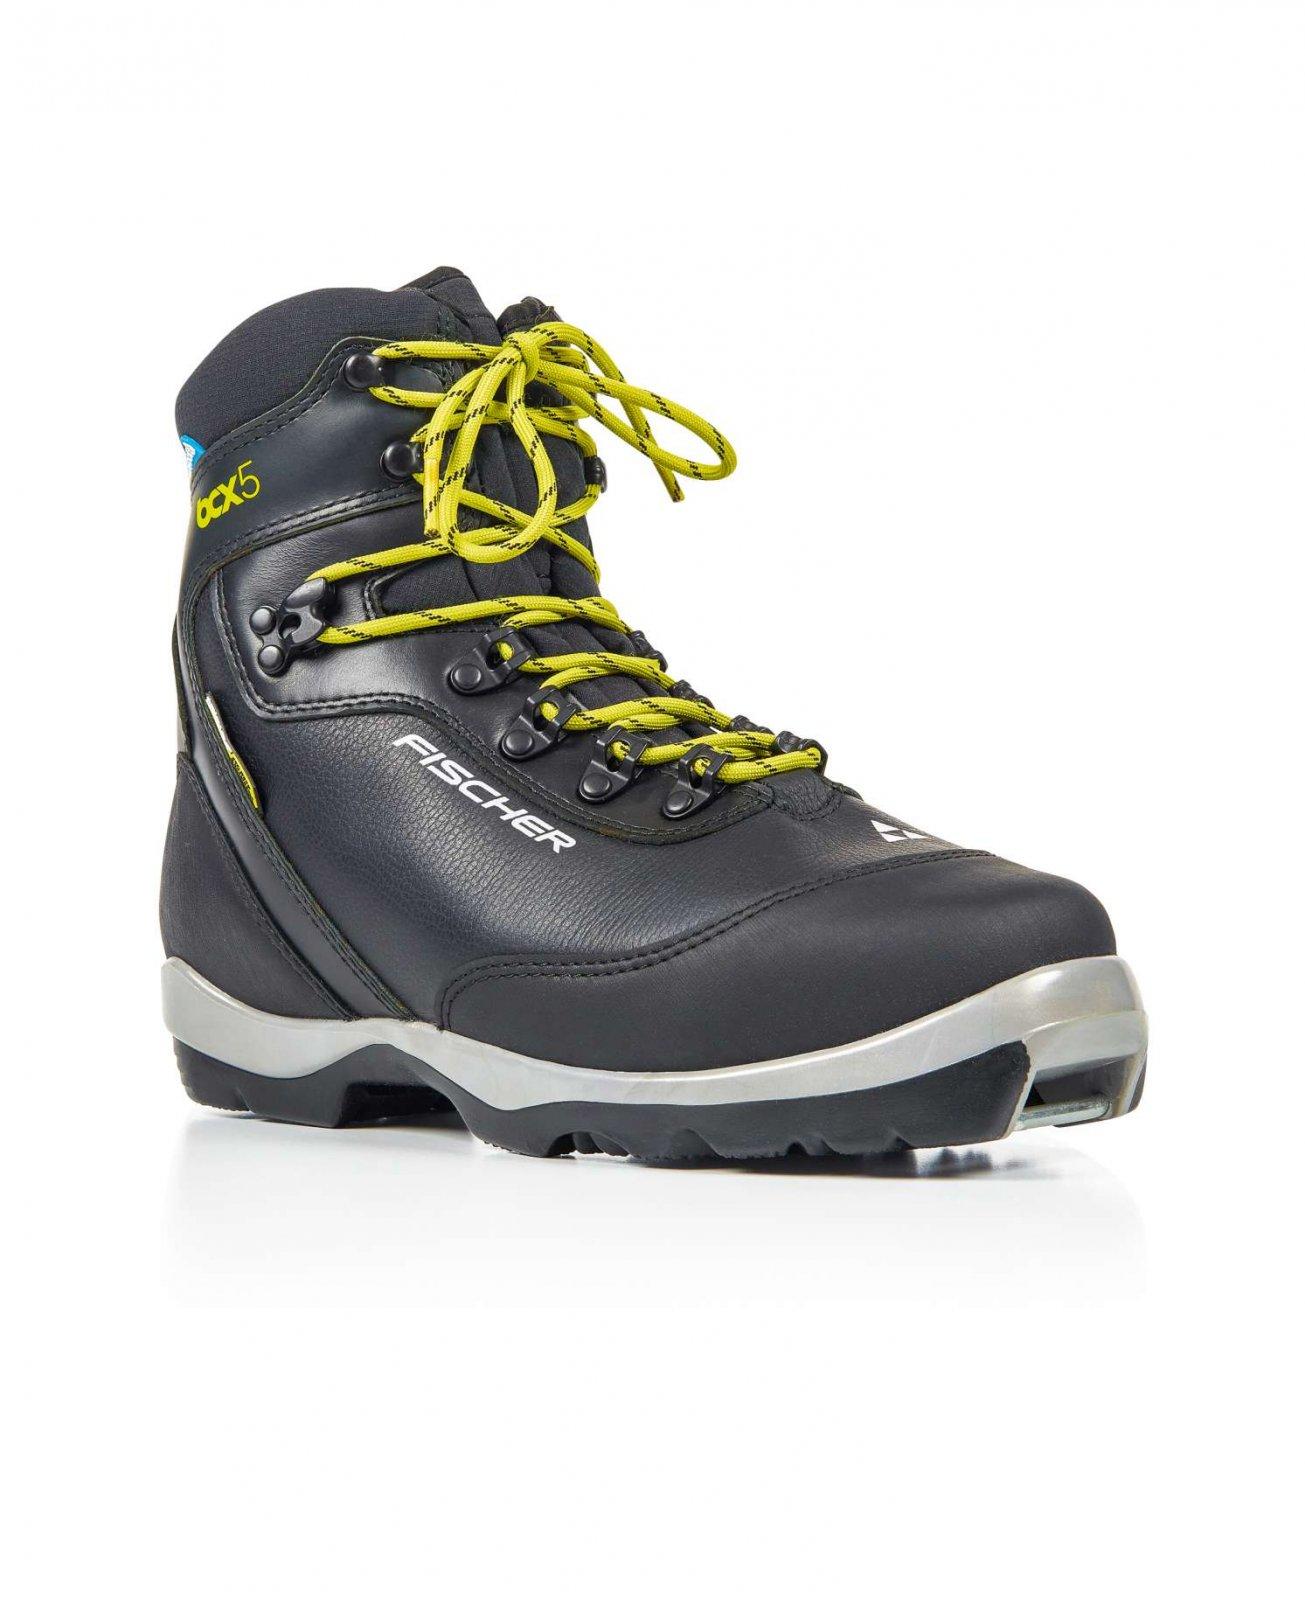 Fischer BCX 5 Waterproof Ski Boots